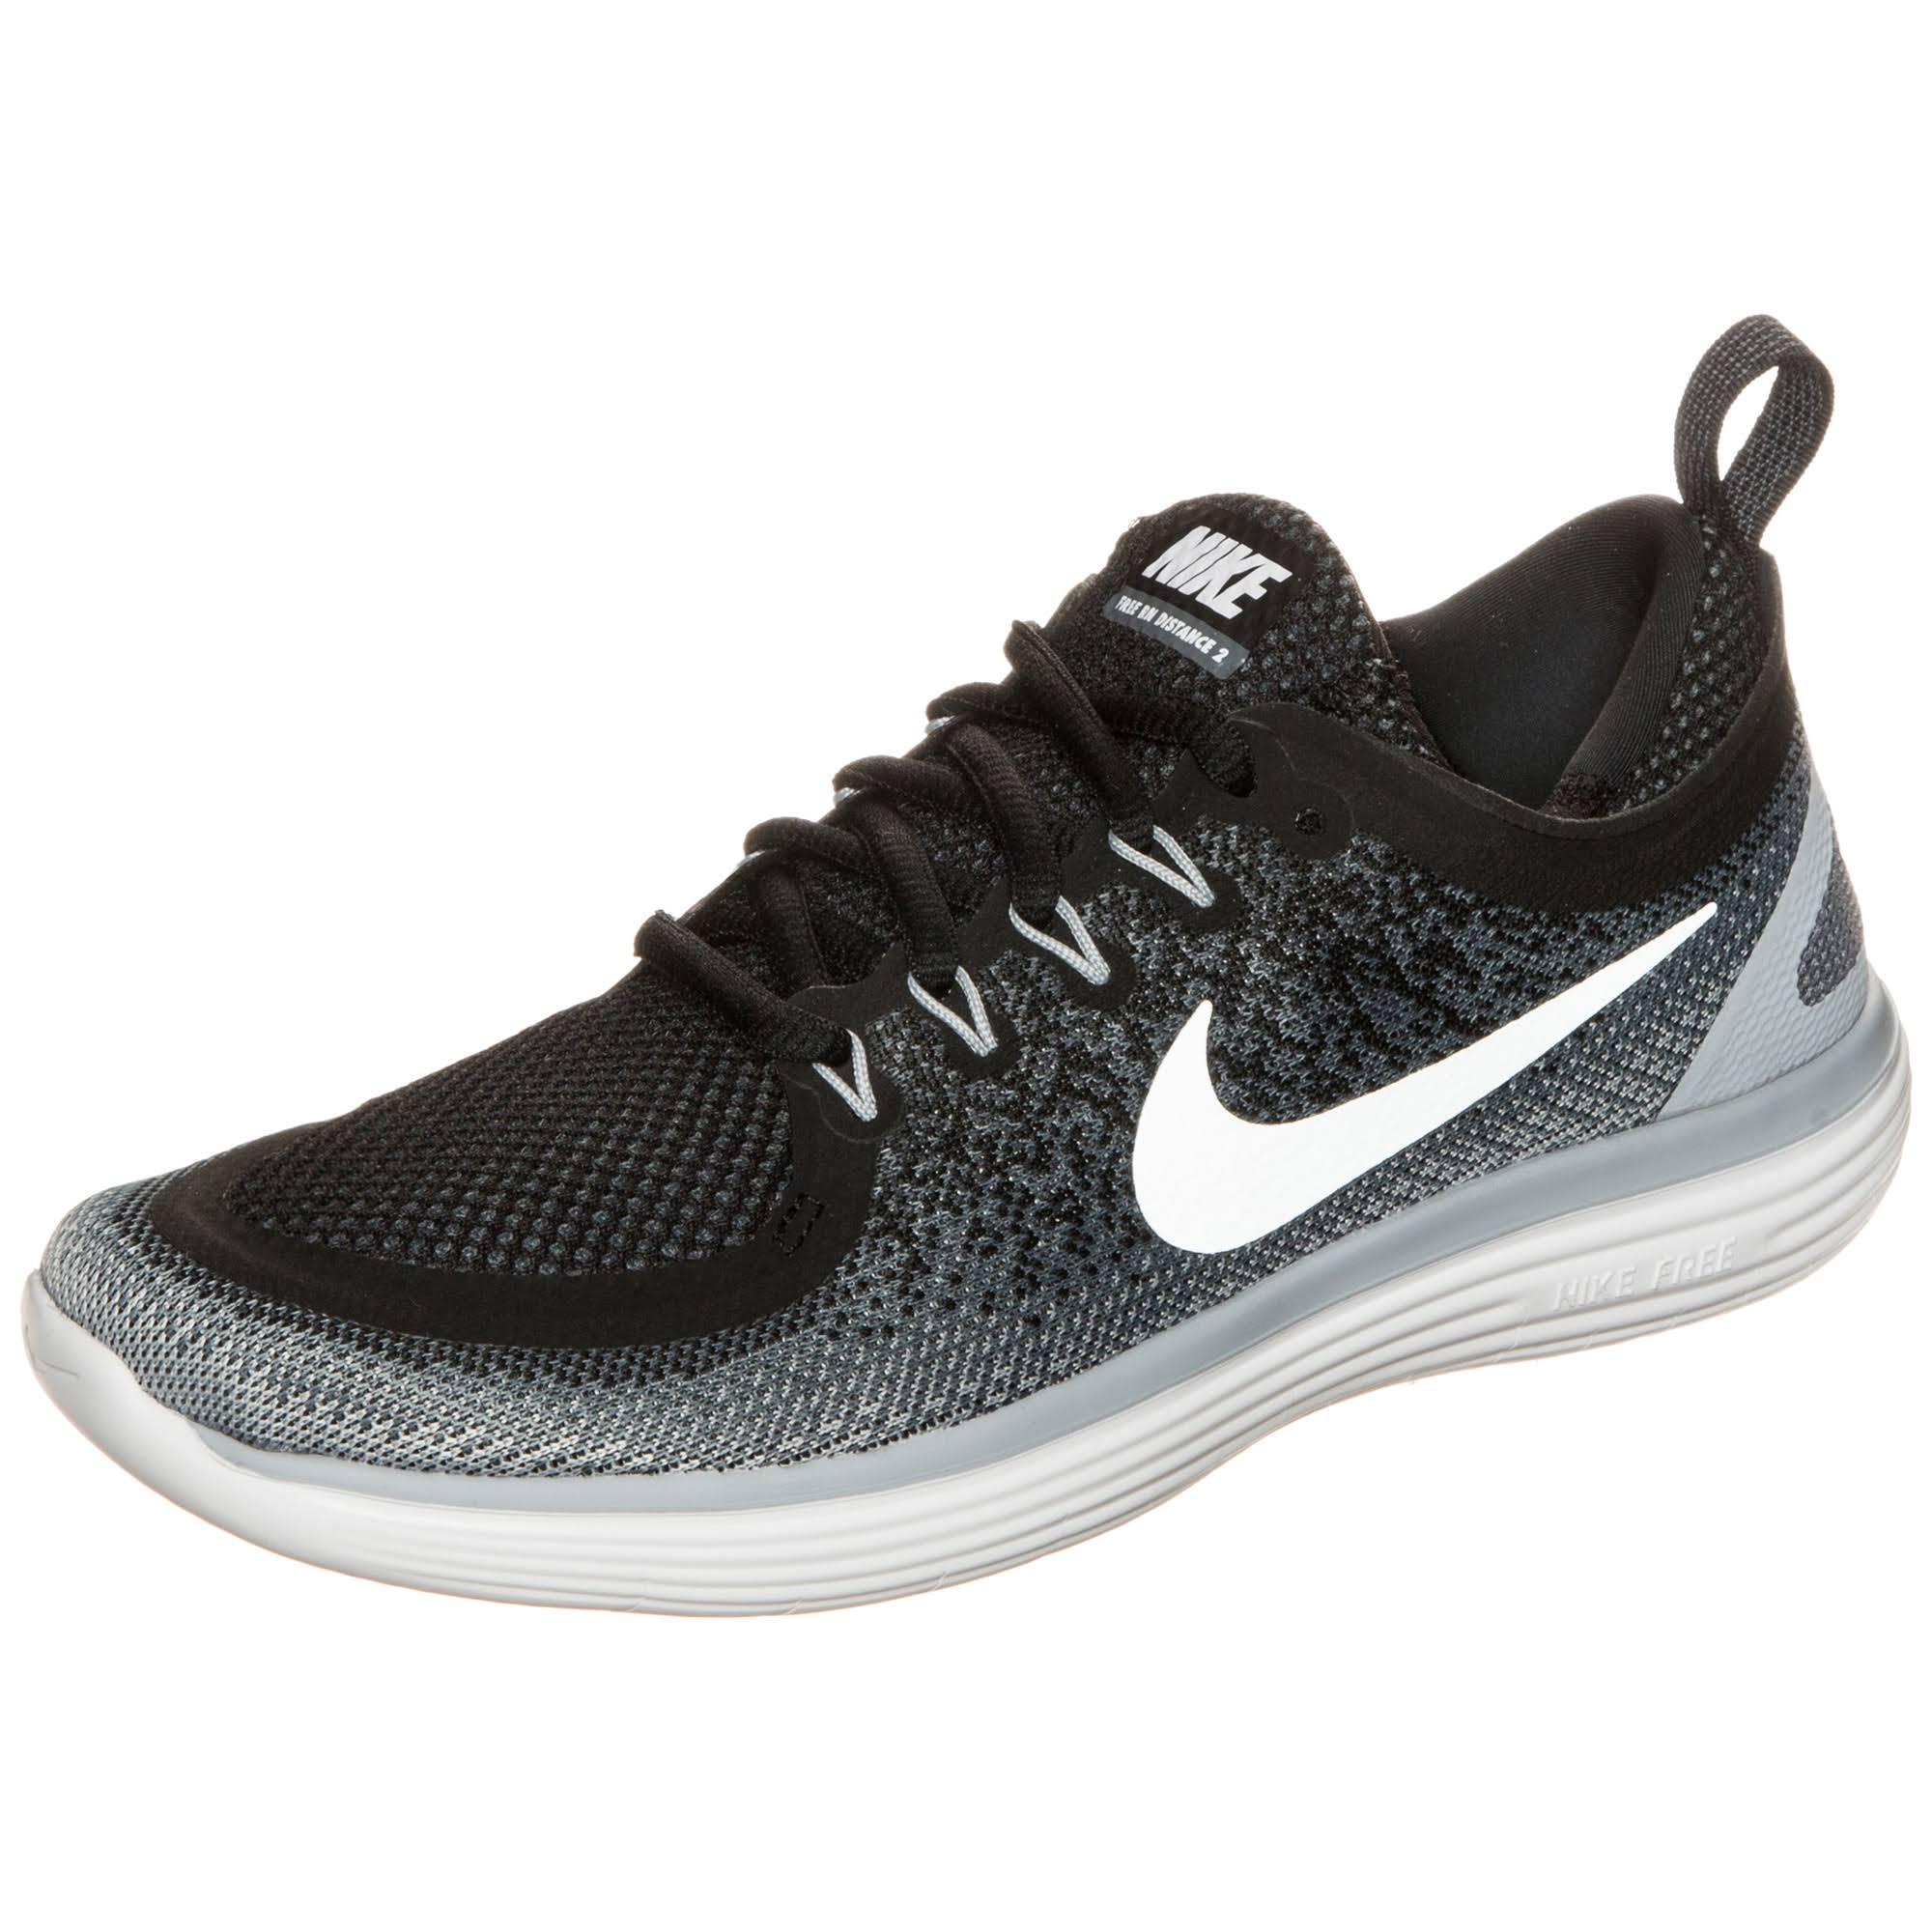 38 7 Nike 2 Free damen Rn Us Distance Größe Schwarz Rqv1xYR